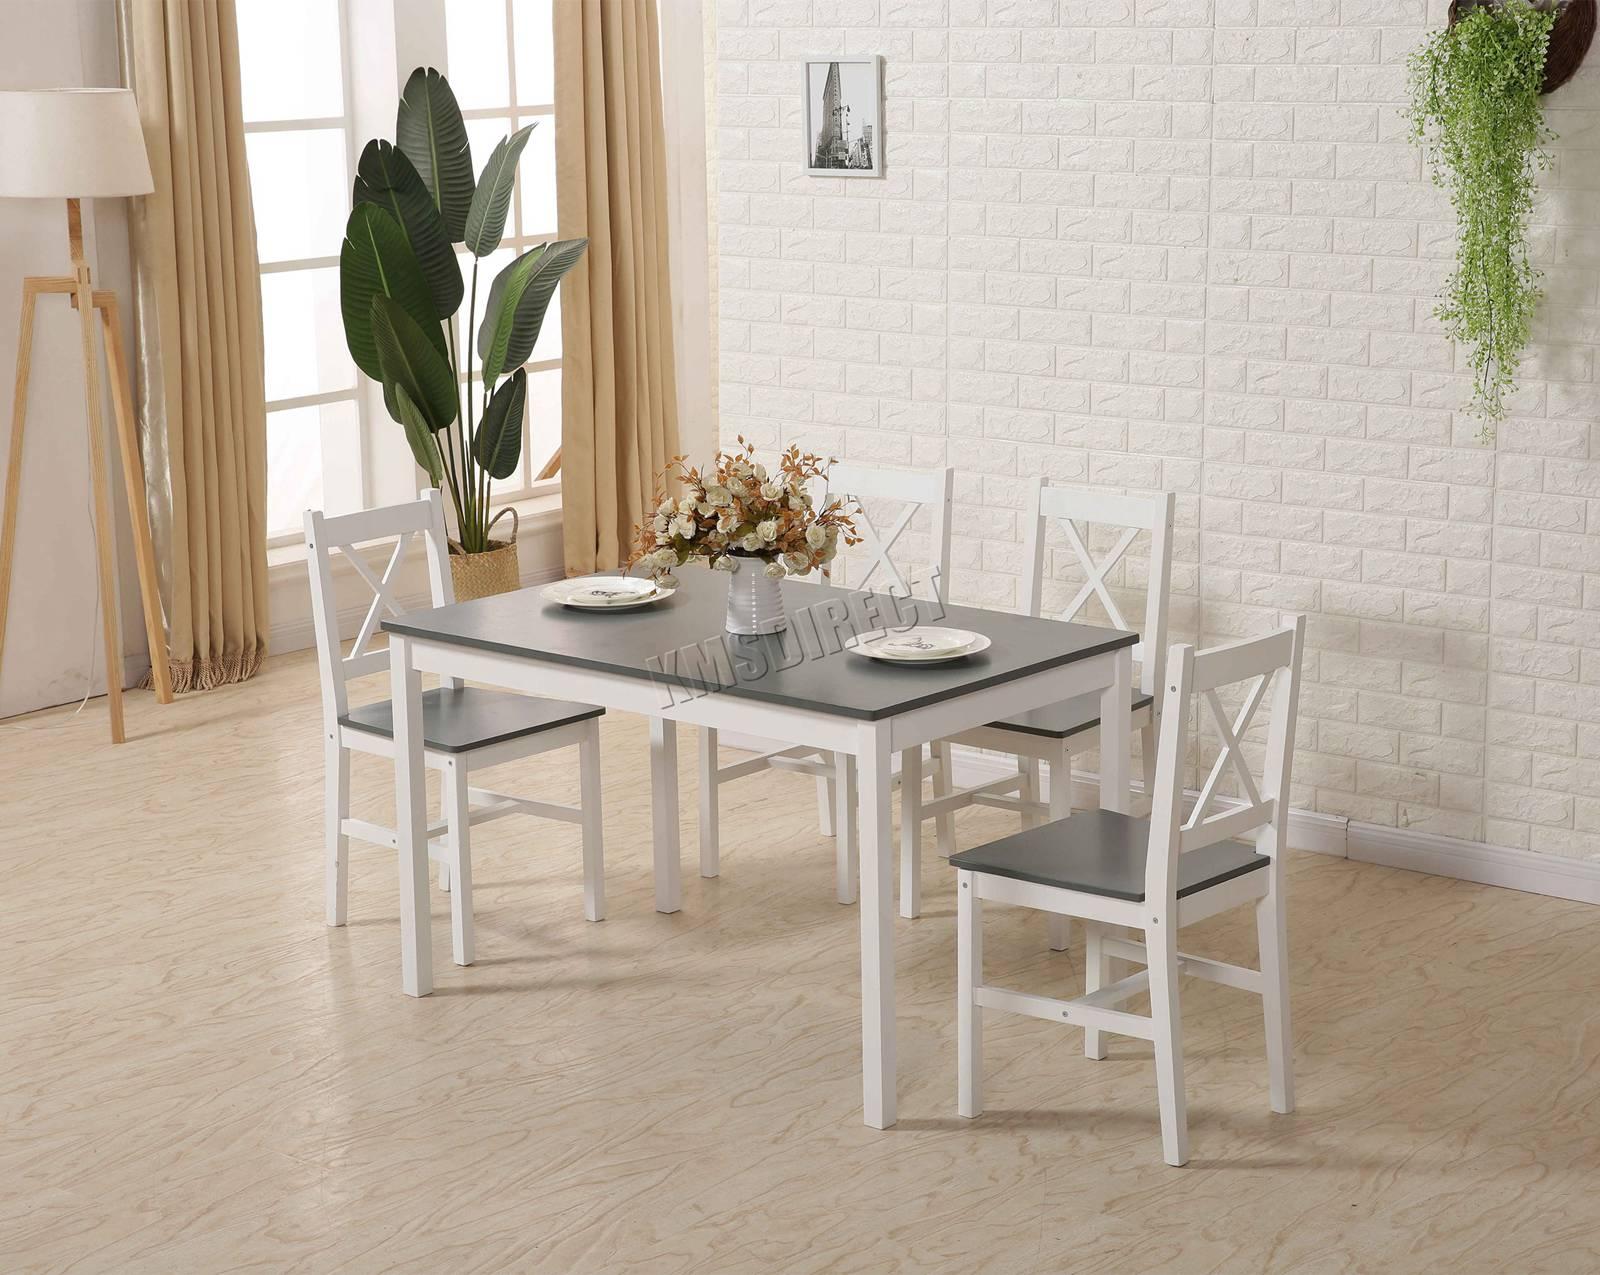 Westwood qualit t massiv holz esszimmer tisch und 4 st hle for Tisch und stuhle esszimmer